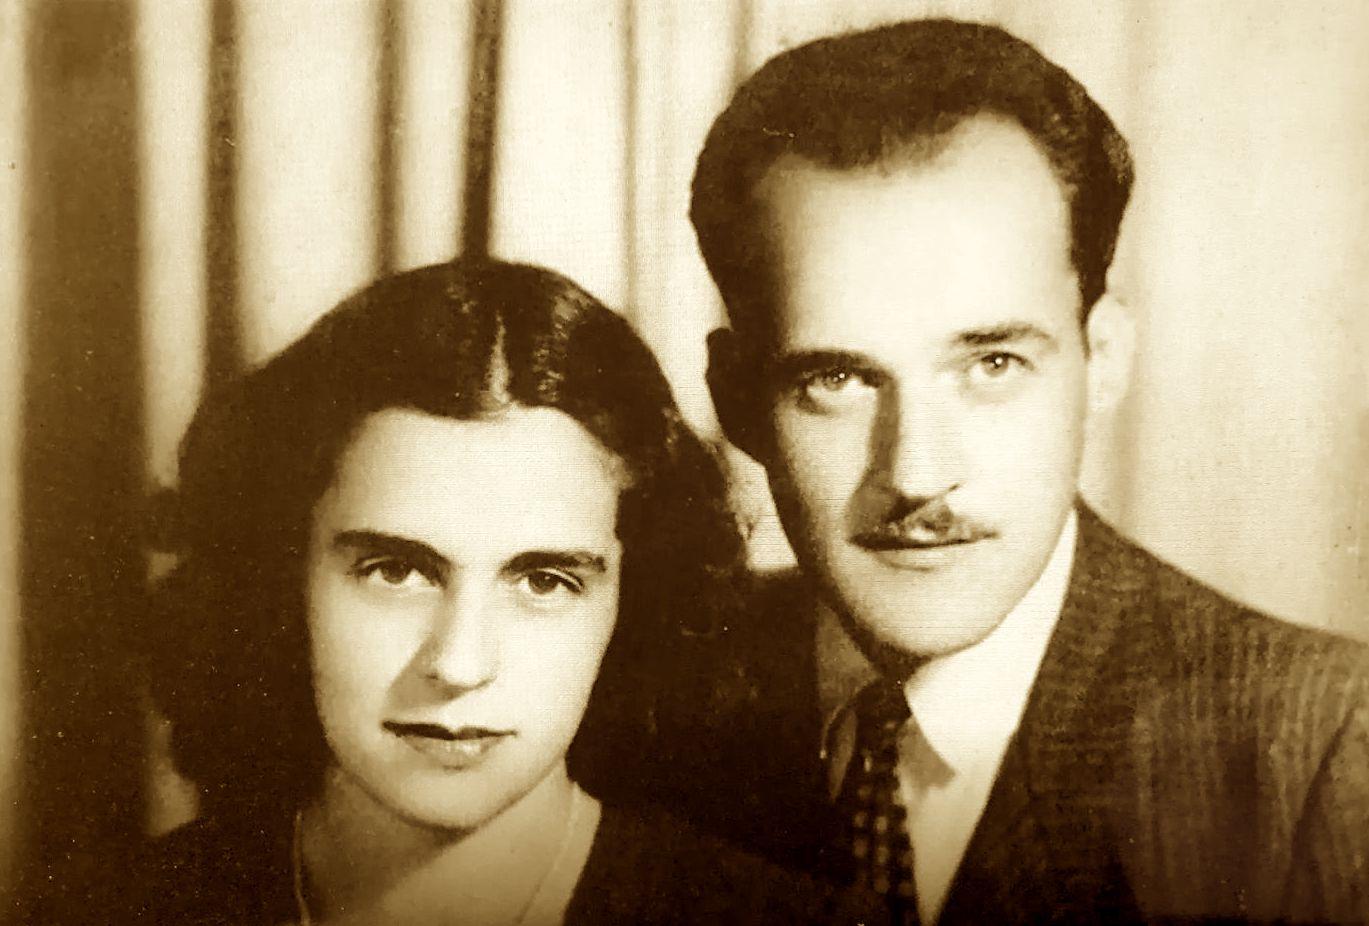 Zef Zorba & Tereziina Pali